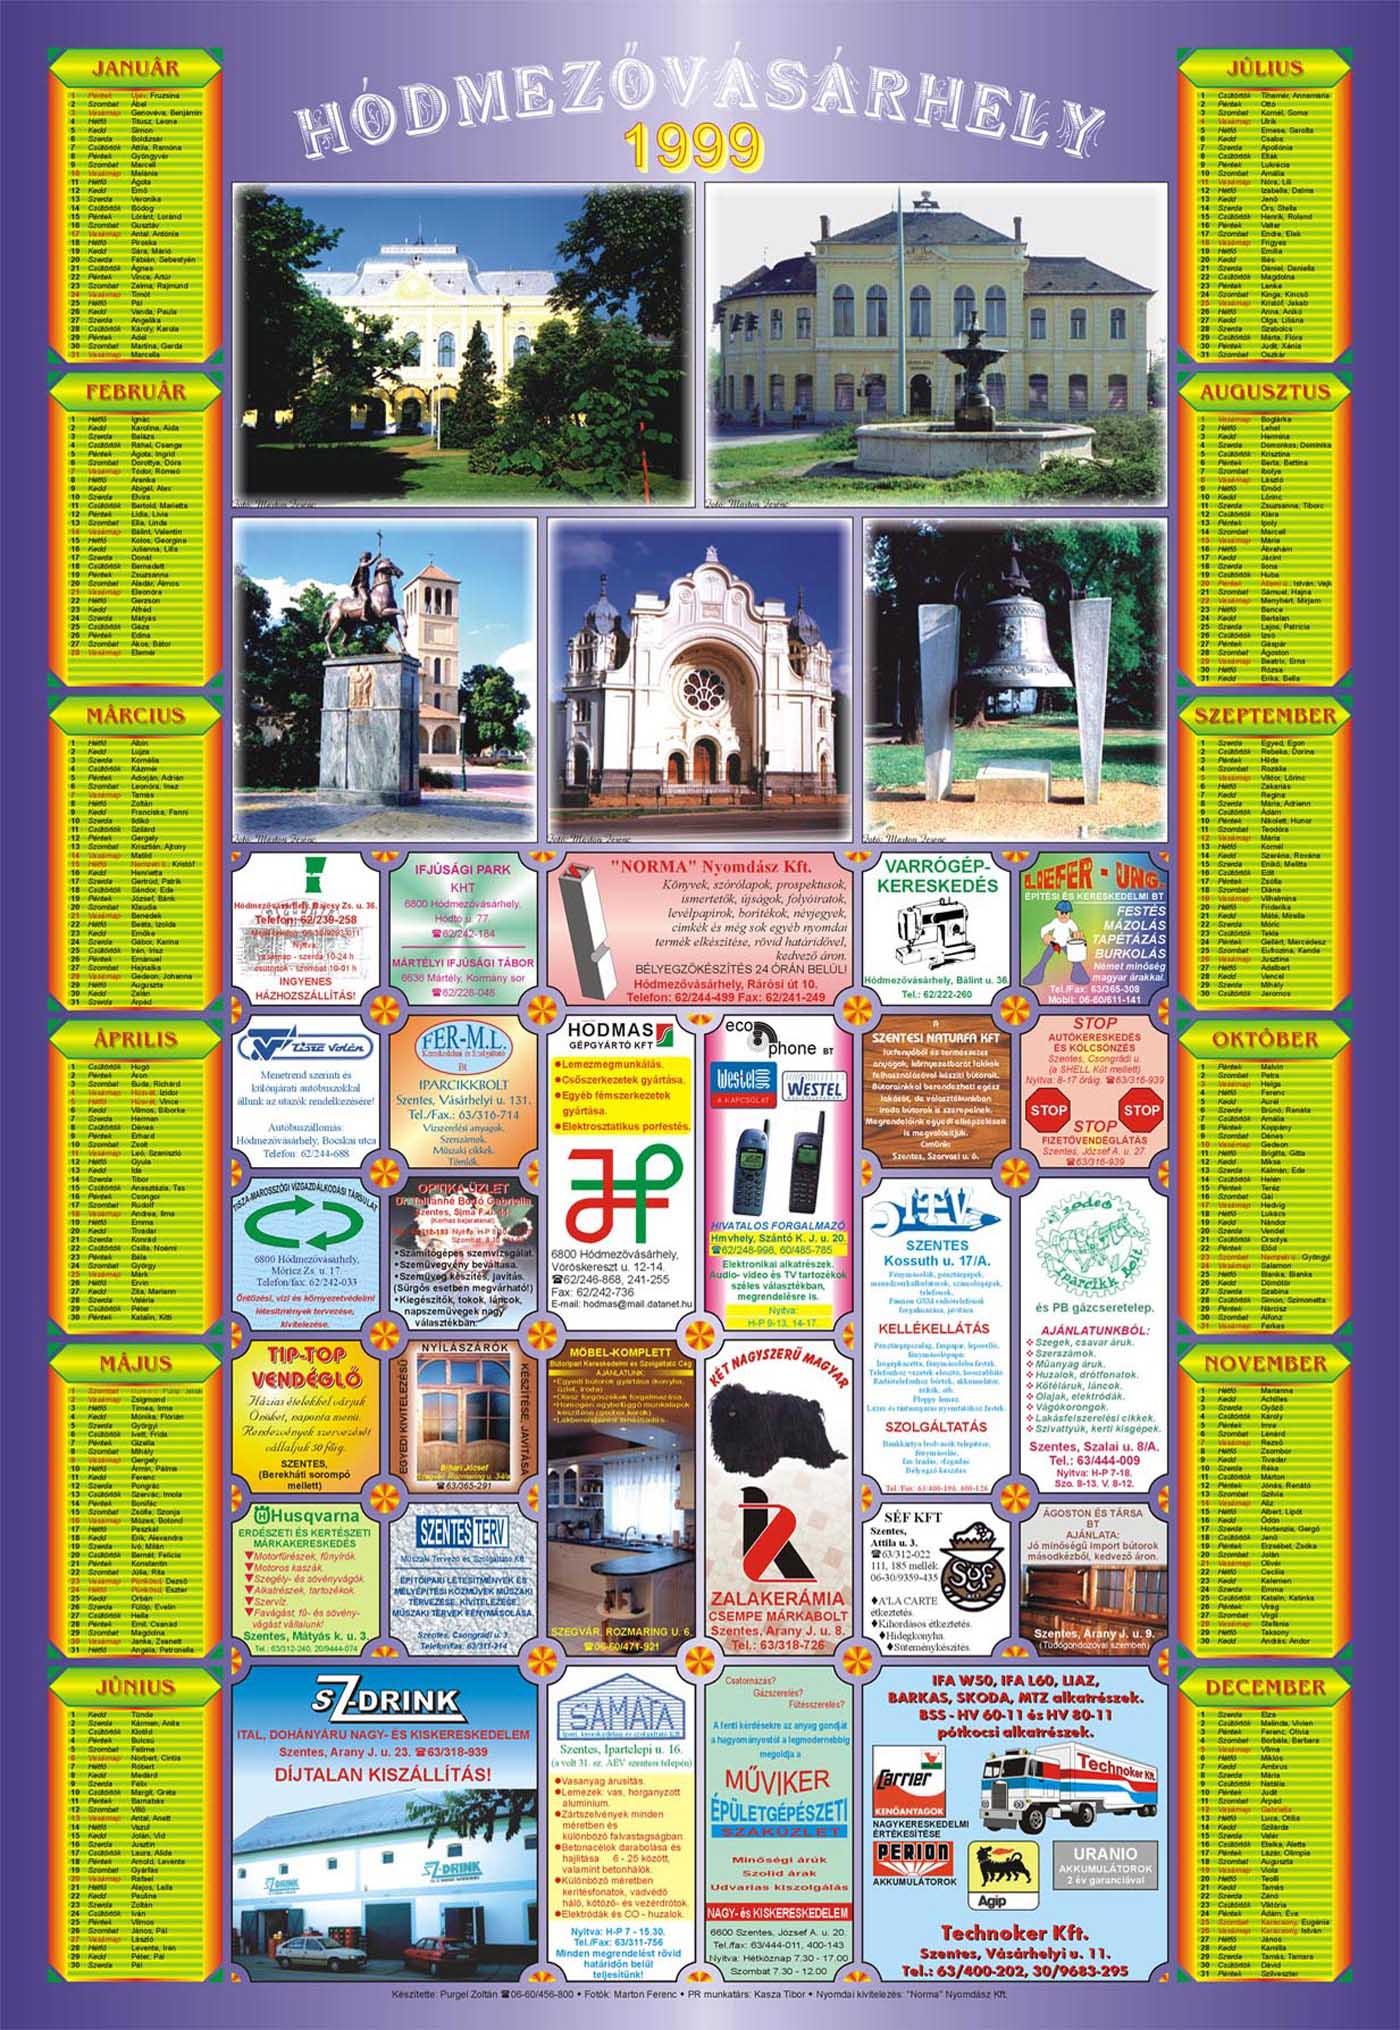 04-Hodmezovasarhely1999Falinaptar-1998